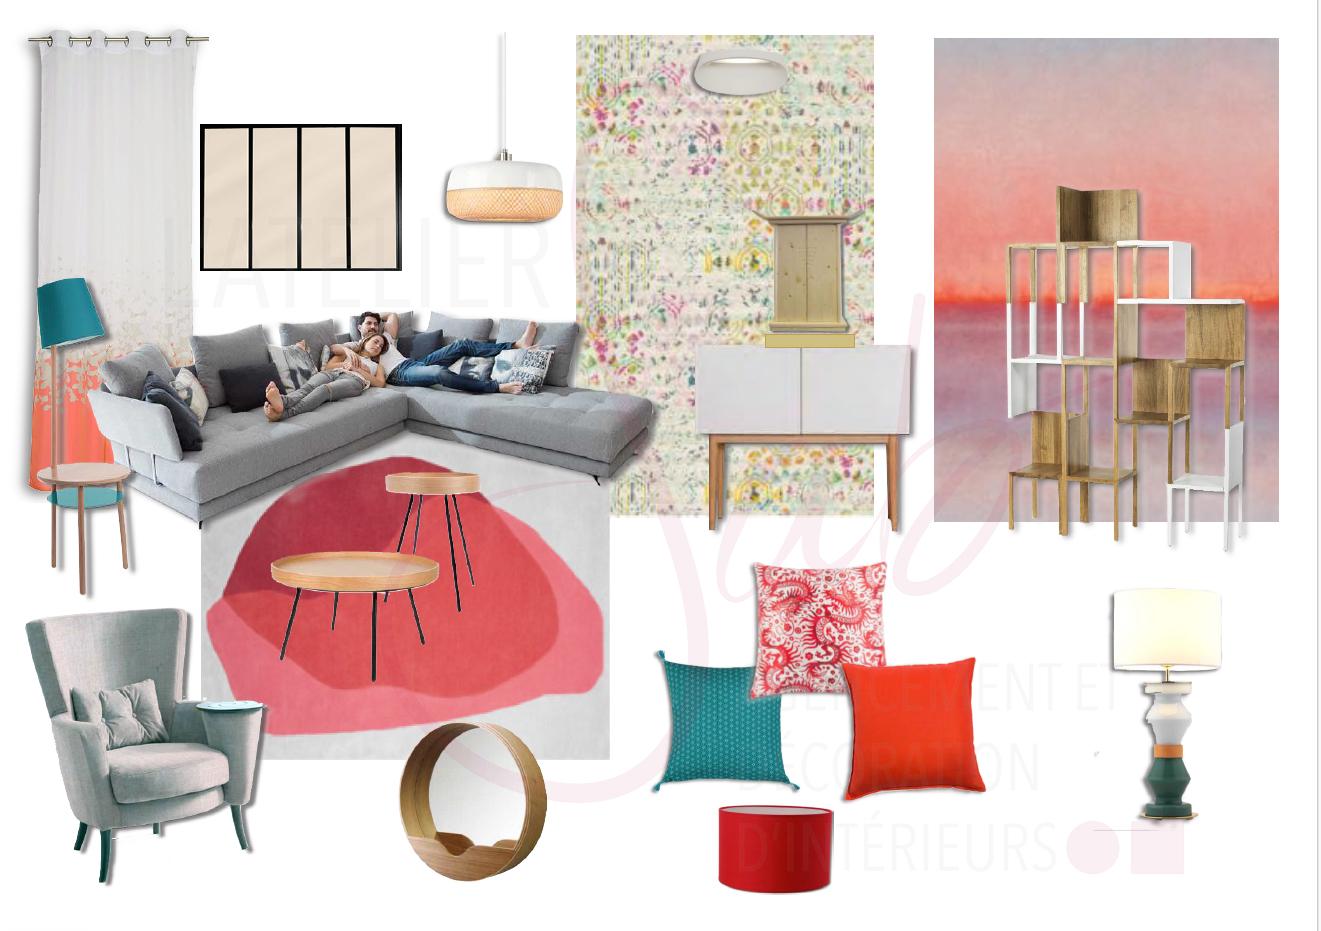 Planche_de_style_salon_canapés_fauteuil_mobilier_Hartô_Coussins_moderne